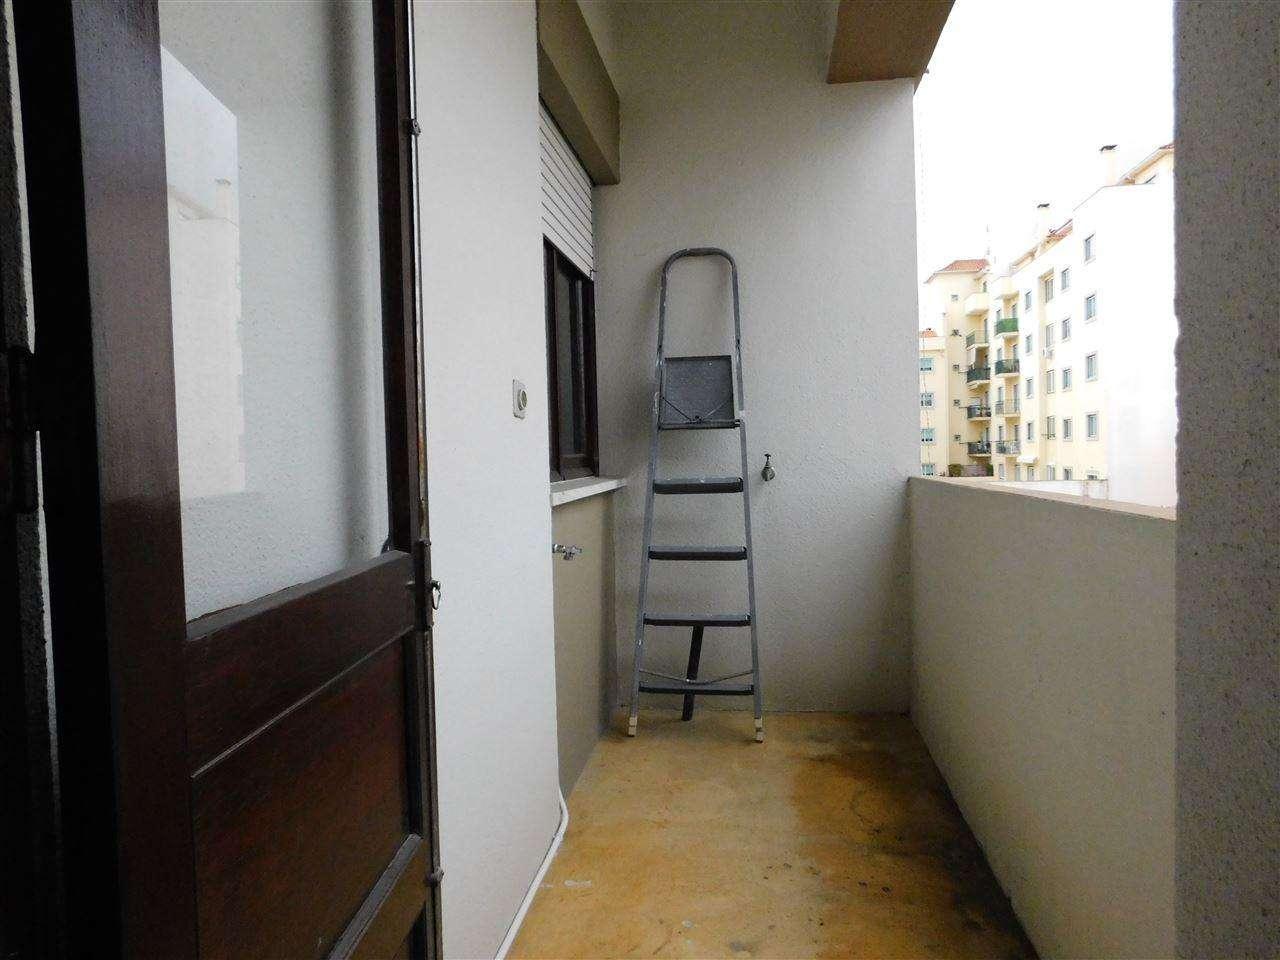 Apartamento para comprar, Fundão, Valverde, Donas, Aldeia de Joanes e Aldeia Nova do Cabo, Castelo Branco - Foto 9